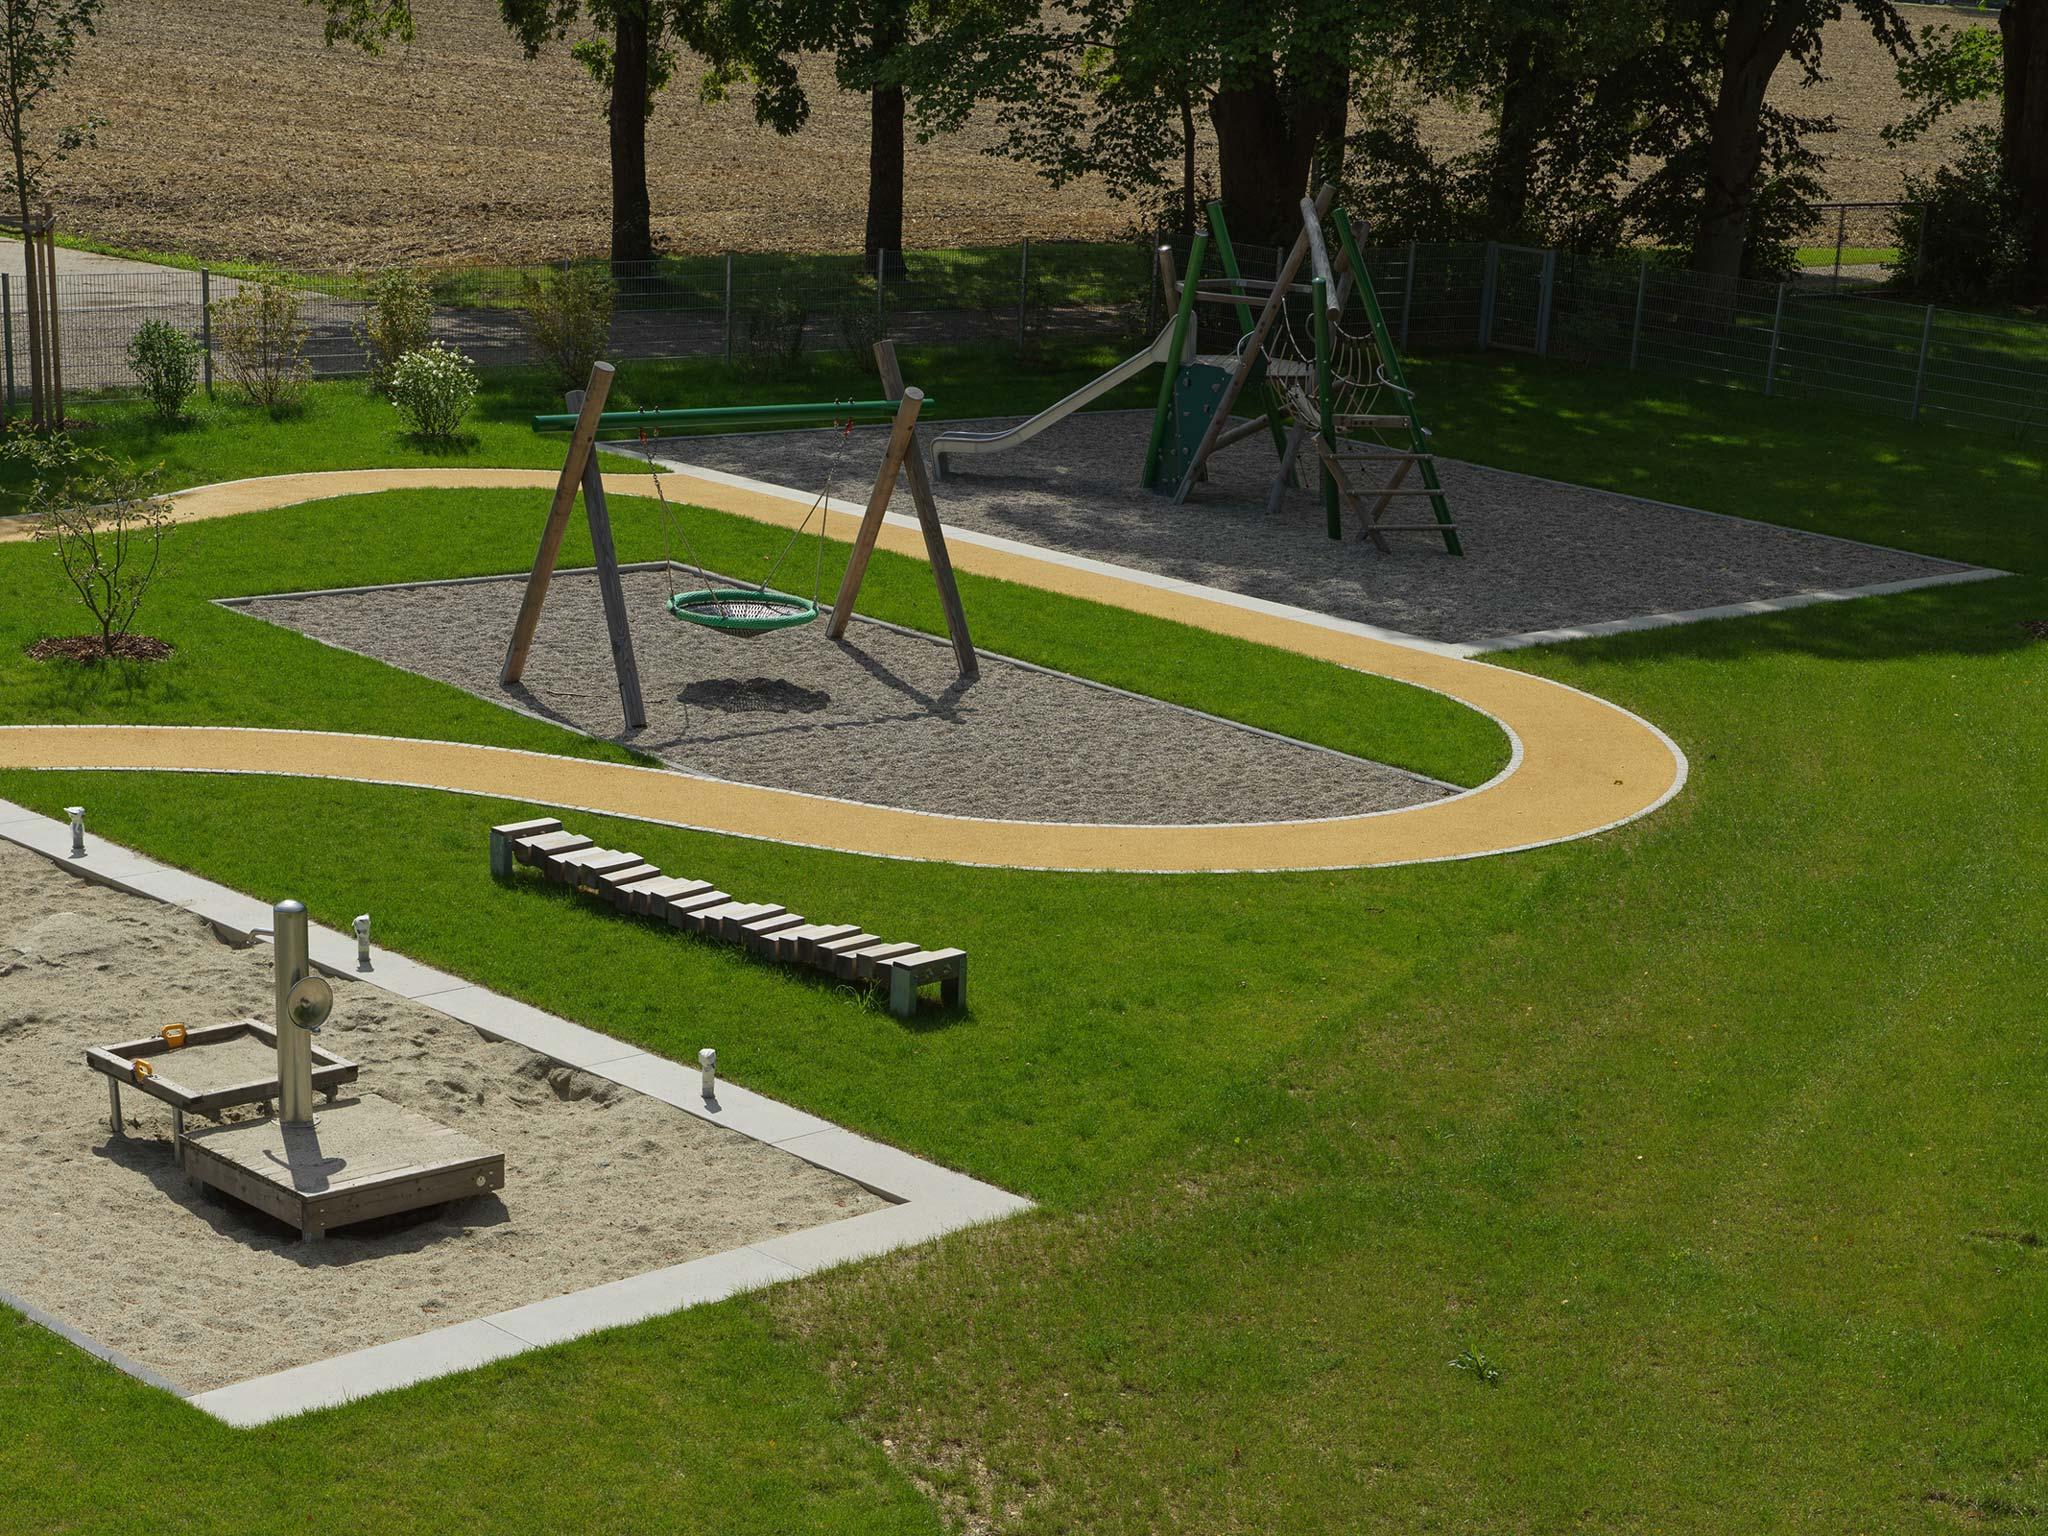 Landschaftsarchitektur Kindergarten St. Severin Garching - Spielgeräte